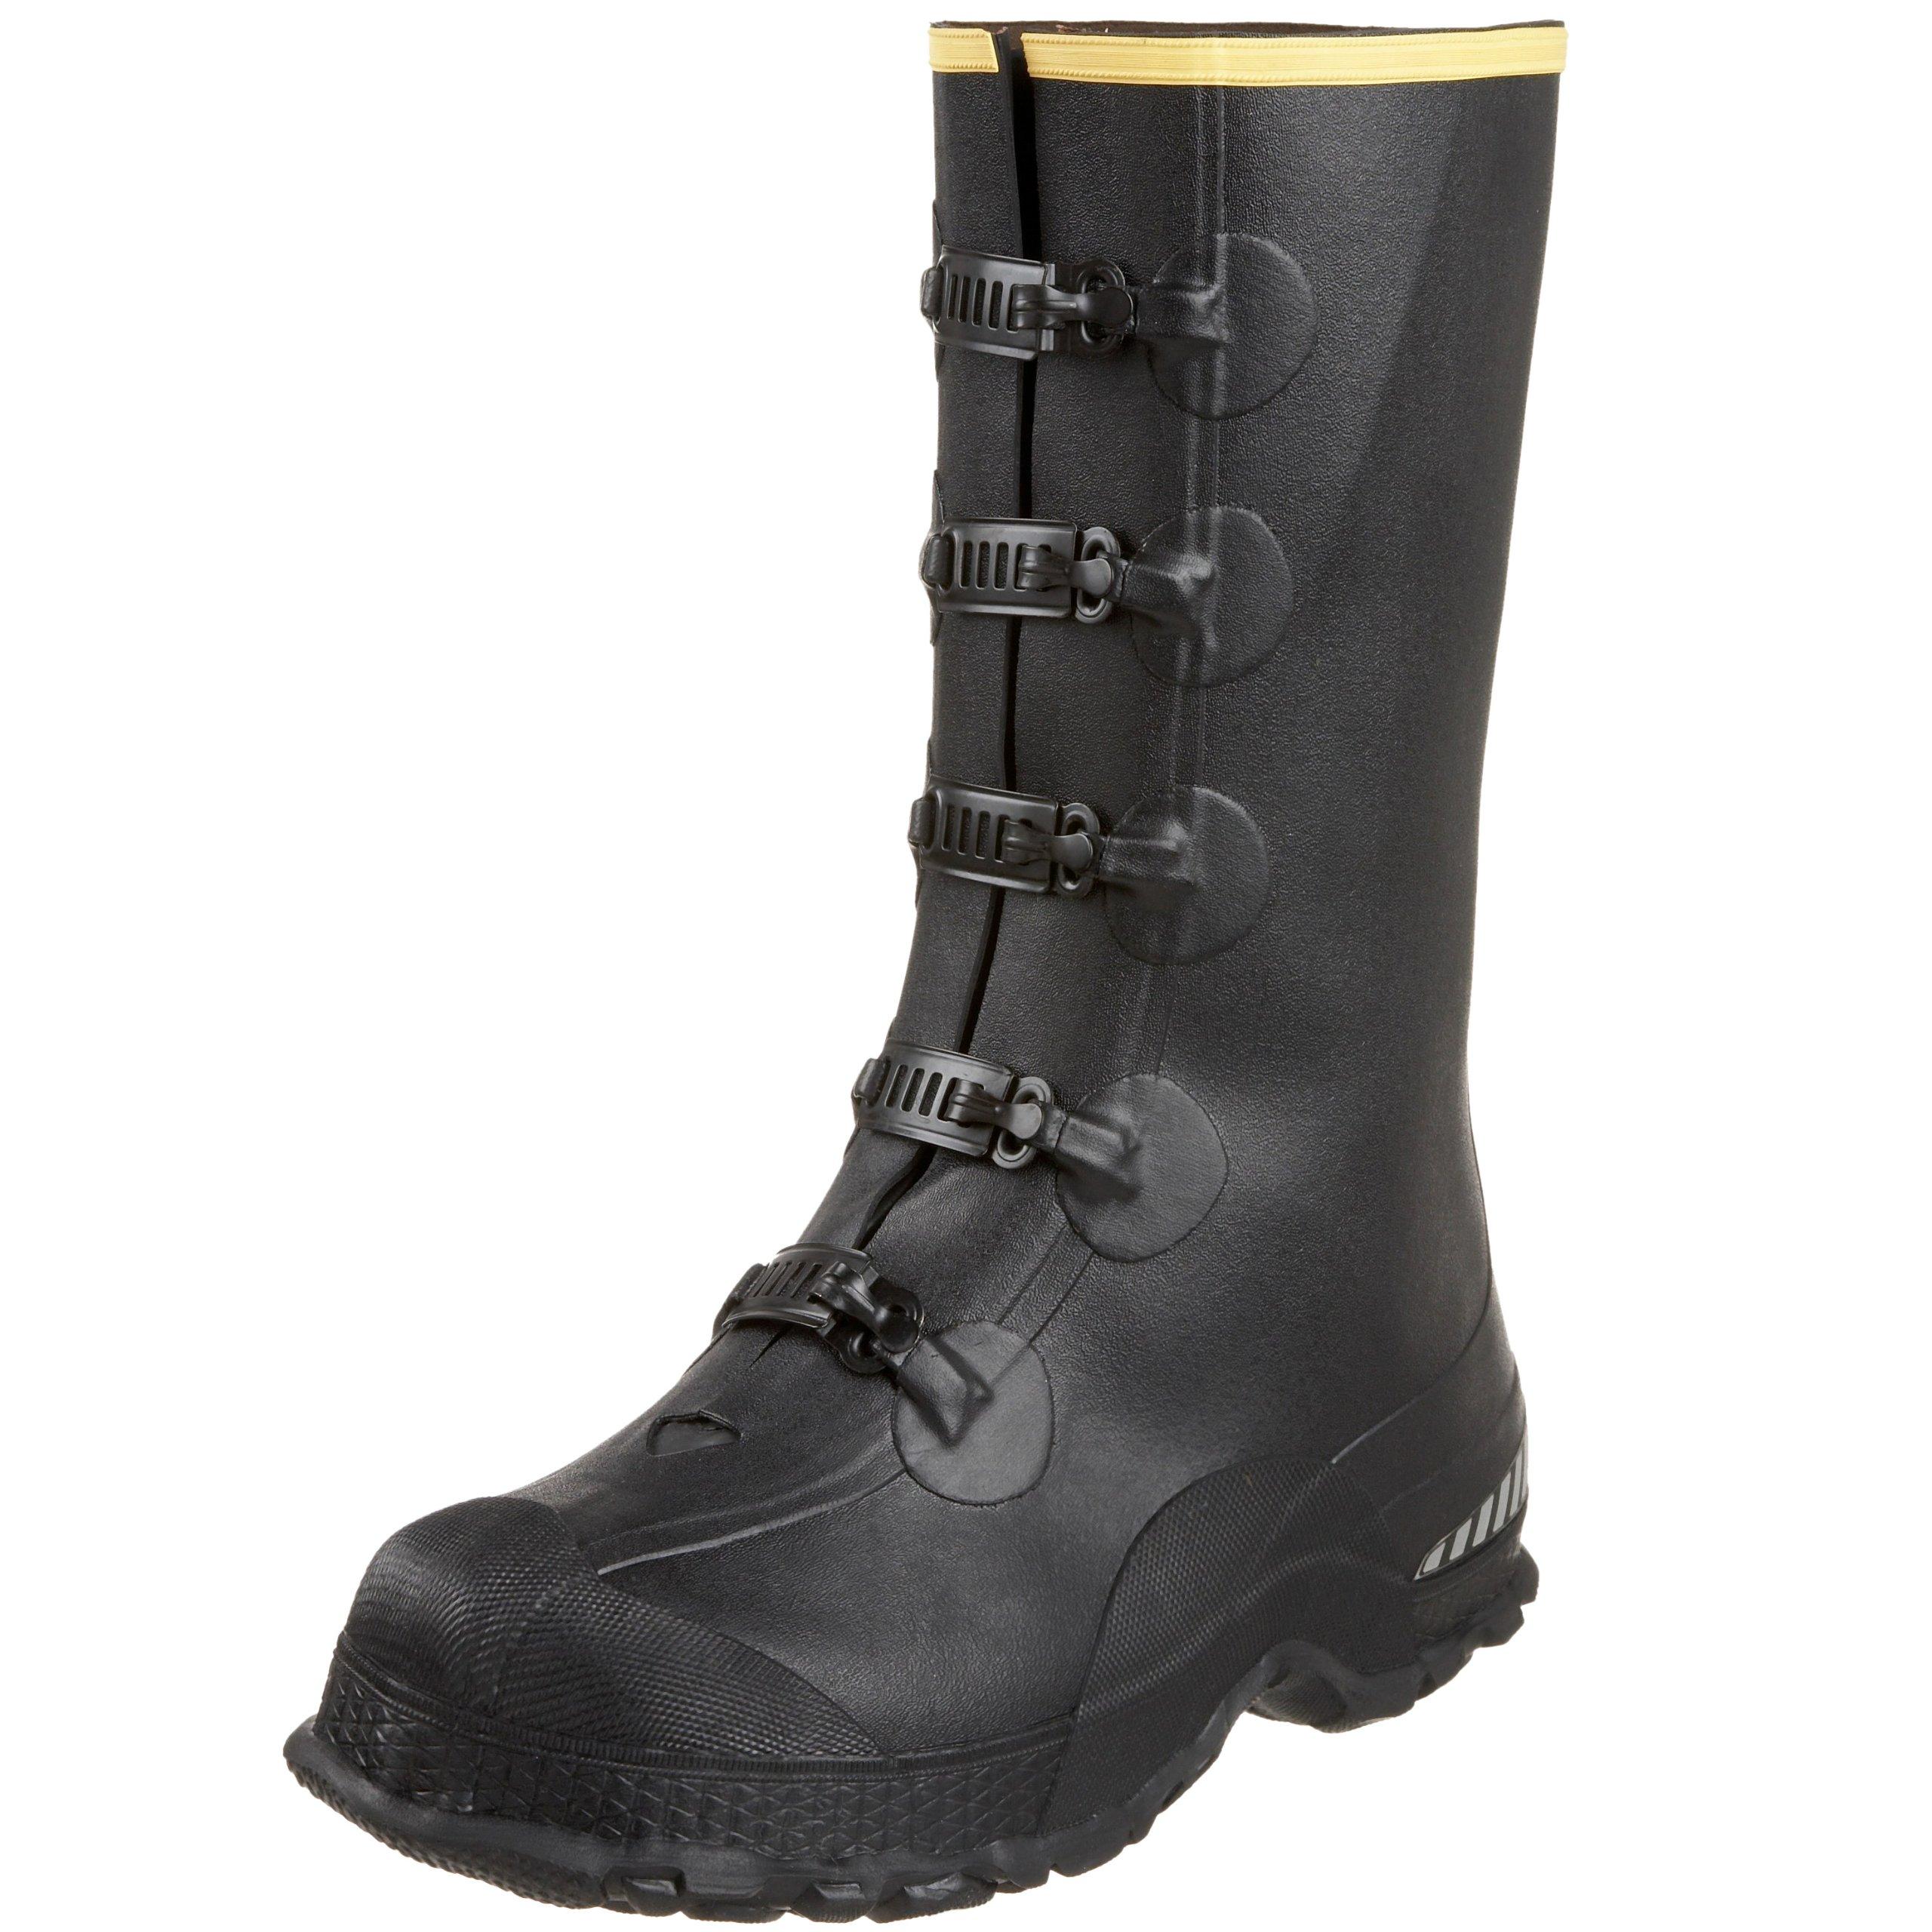 Lacrosse Men's 14'' 5-Buckle Premium Deep Heel Overshoe,Black,11 M US